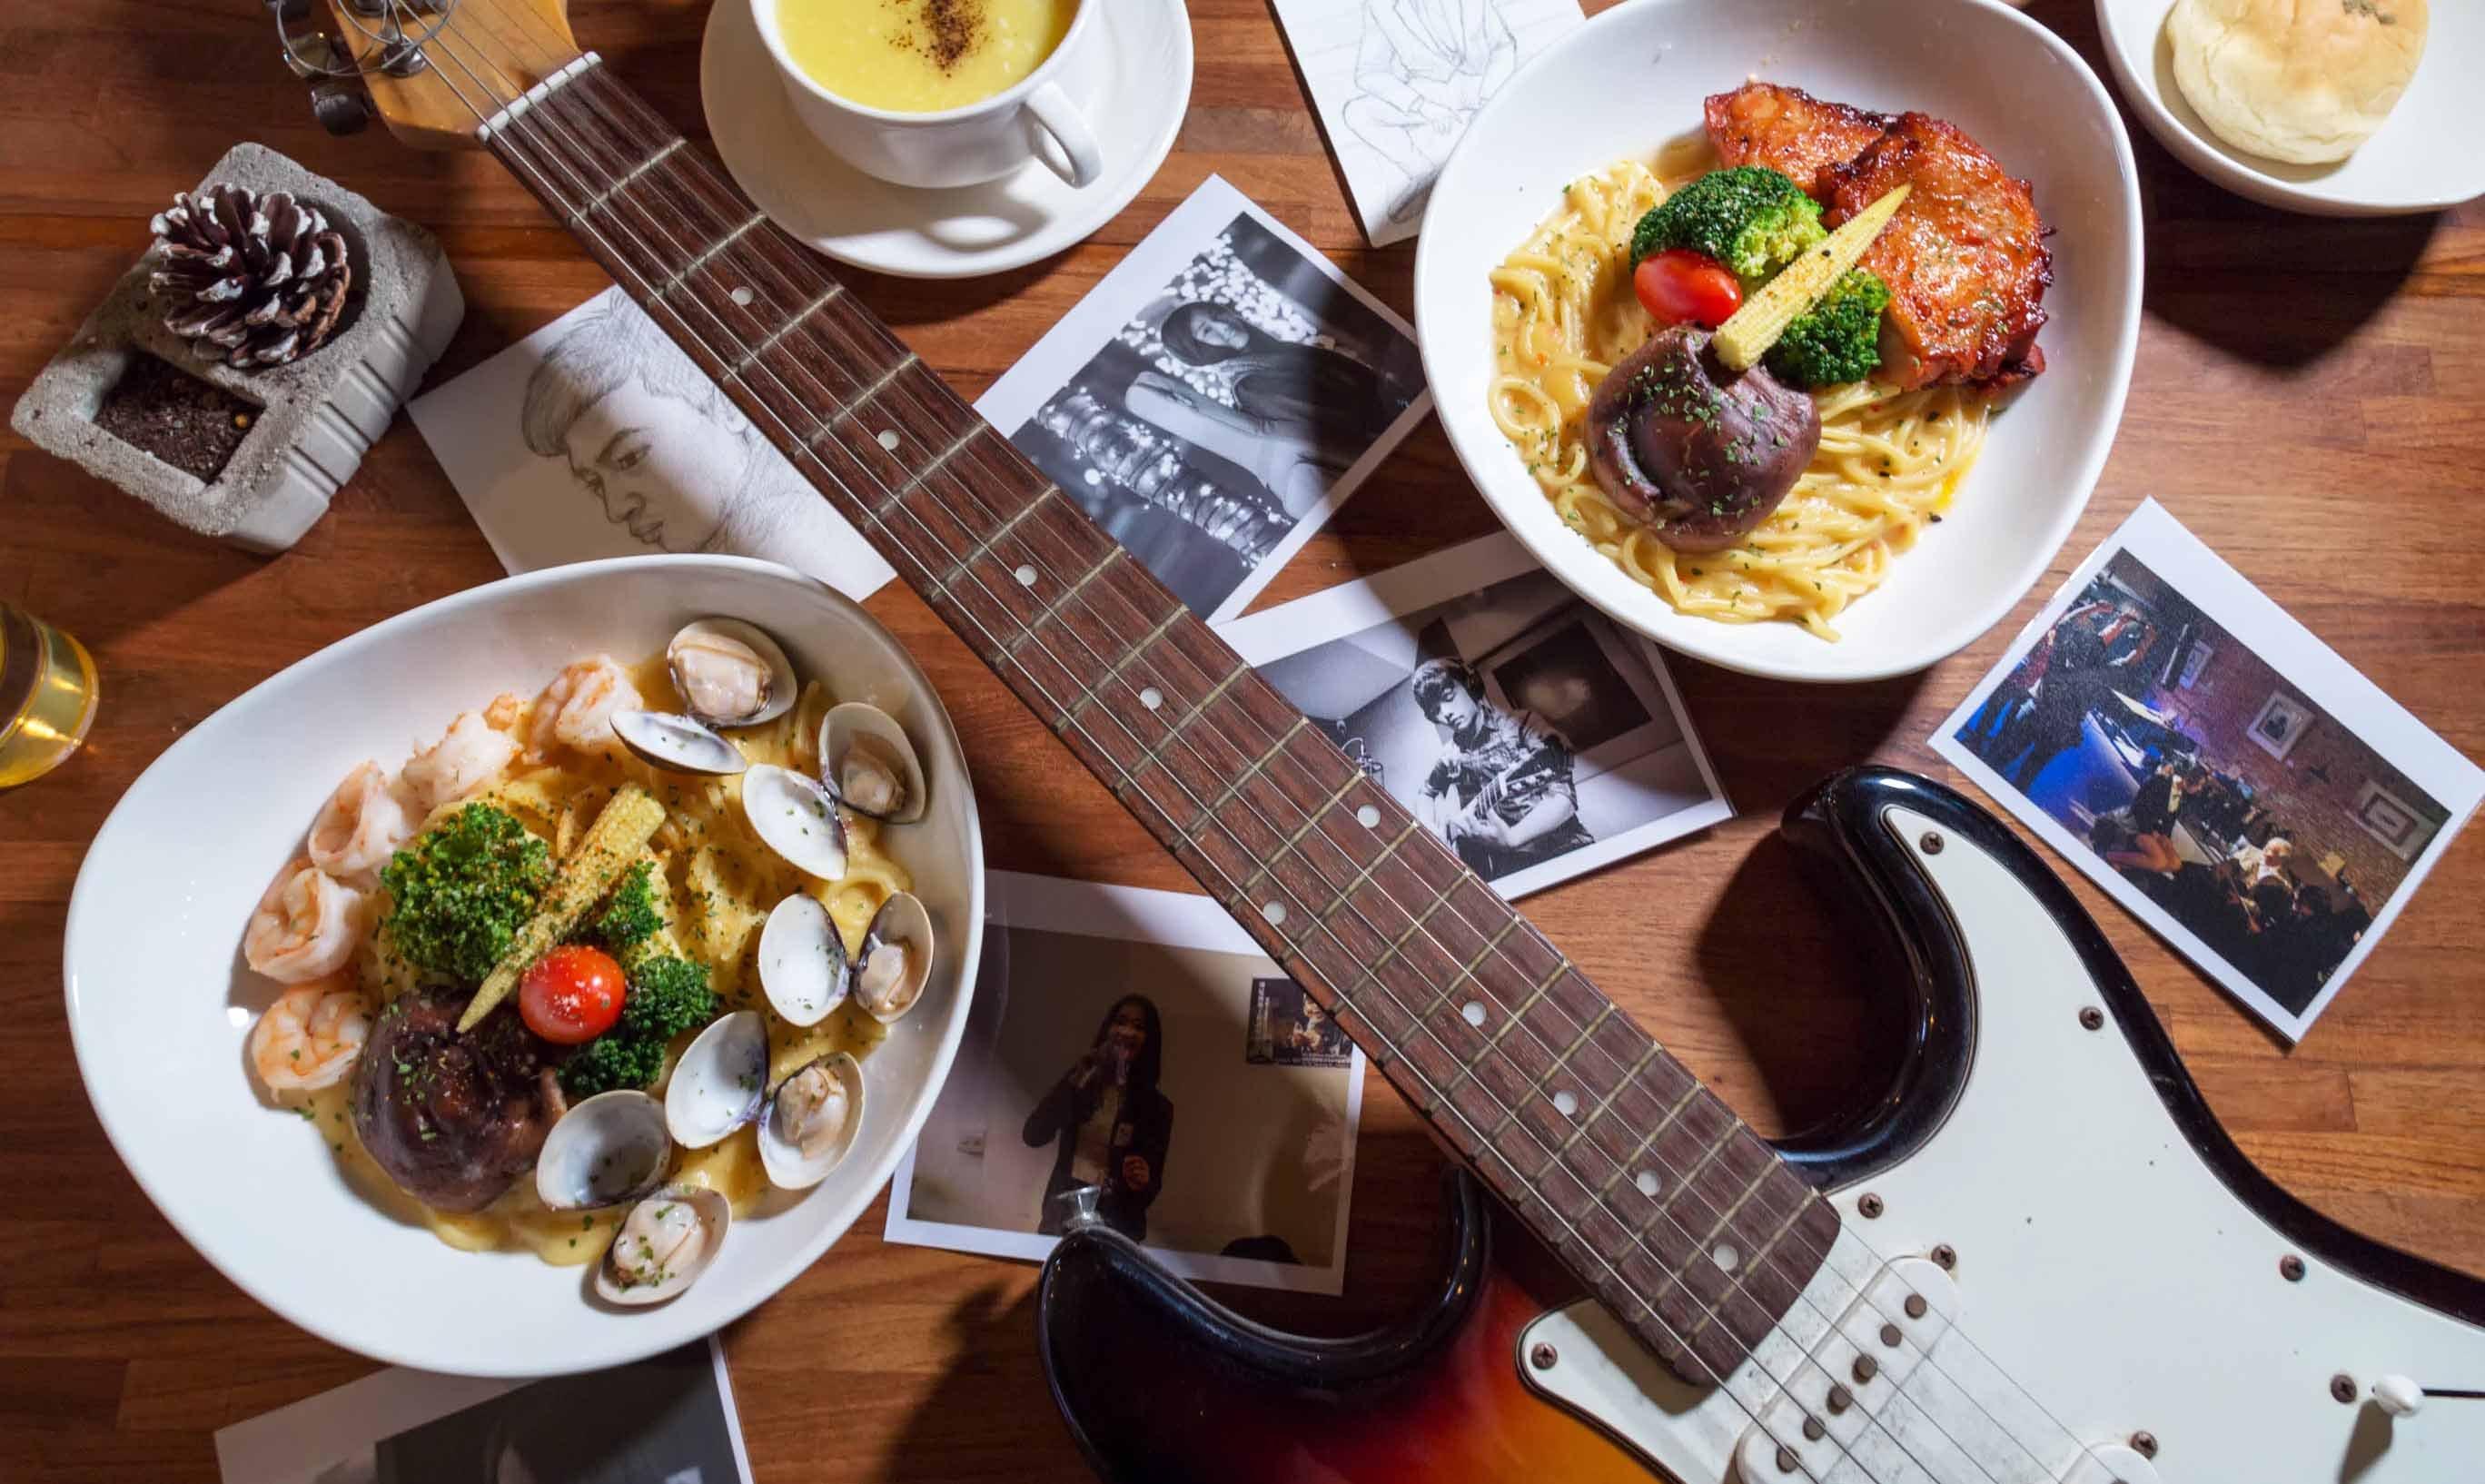 紅磚音樂餐廳-享受屬於你的夜   現場 400 元折抵